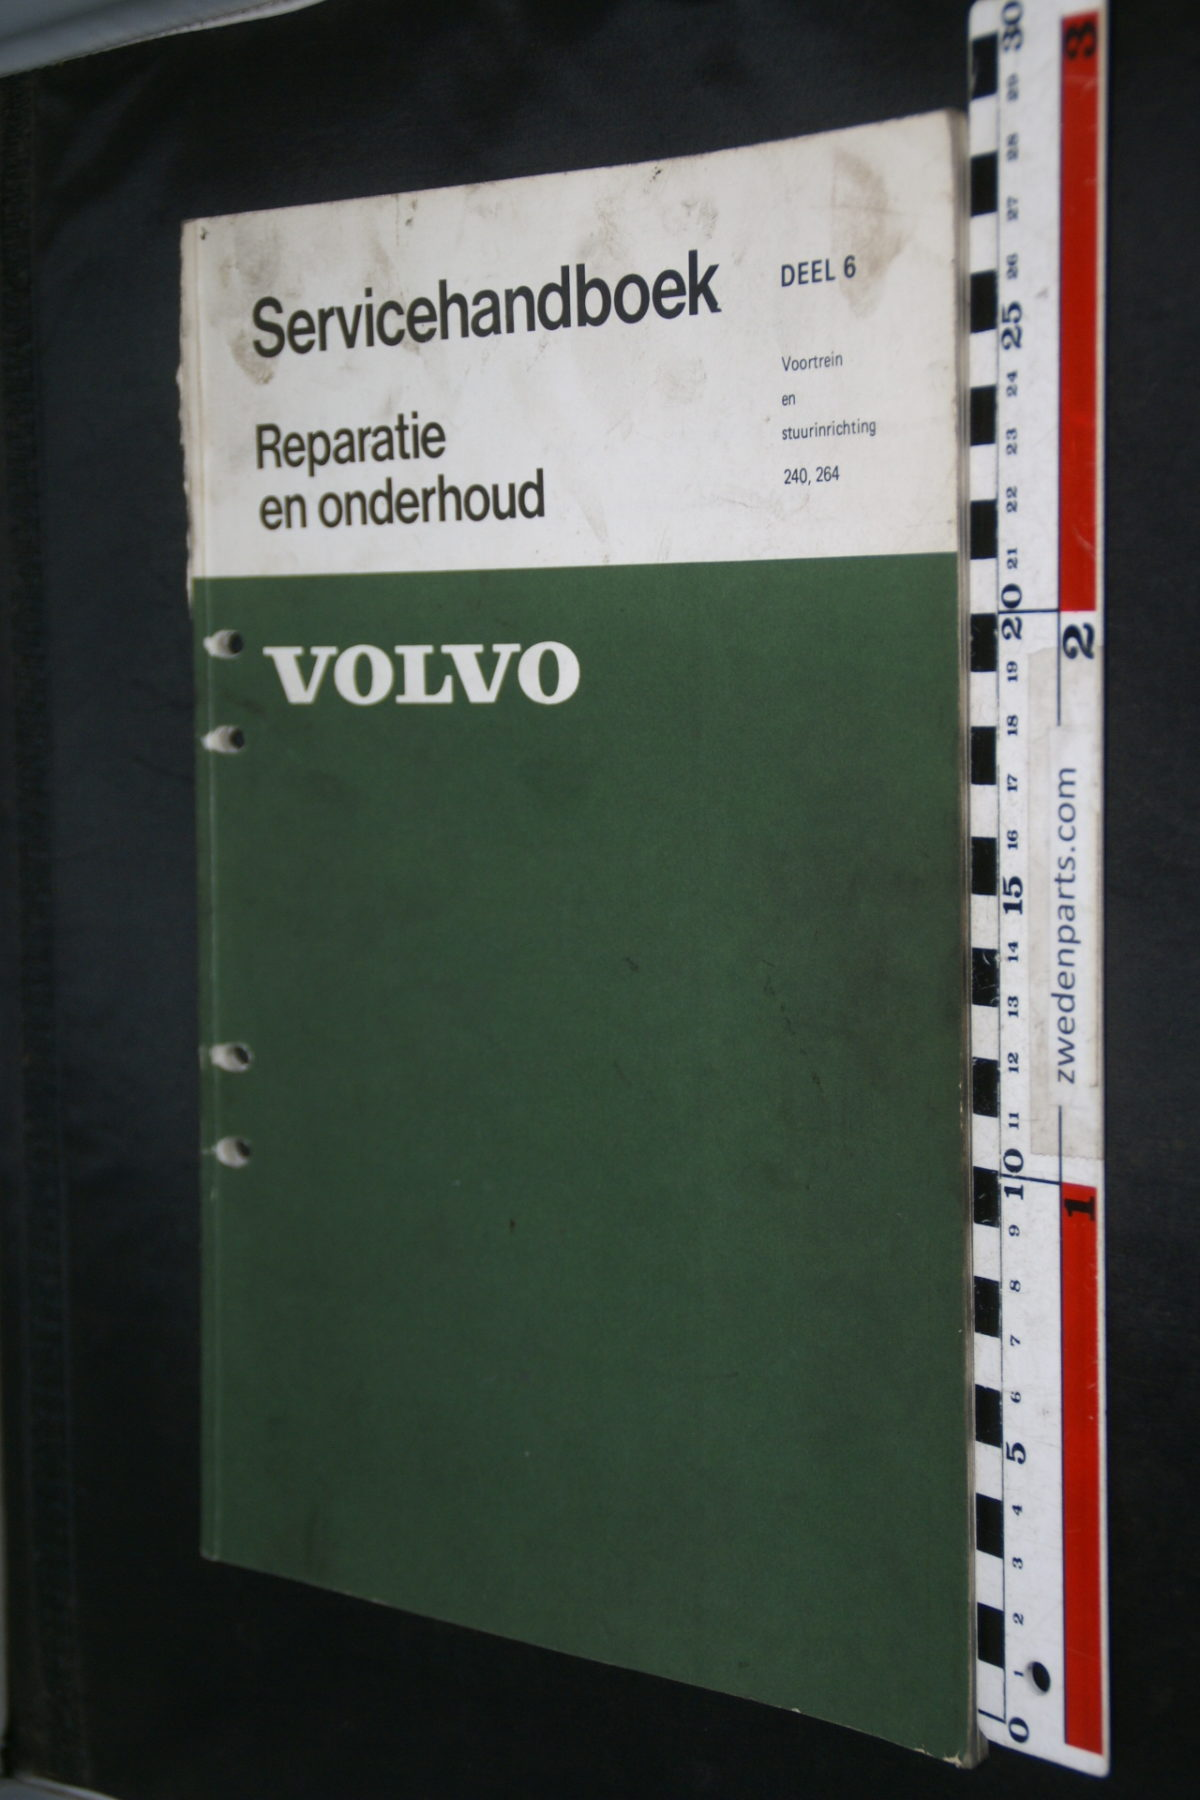 DSC08632 1974 origineel Volvo 240, 264 servicehandboek  6 voortrein en stuurinrichting 1 van 500 TP 11046-1